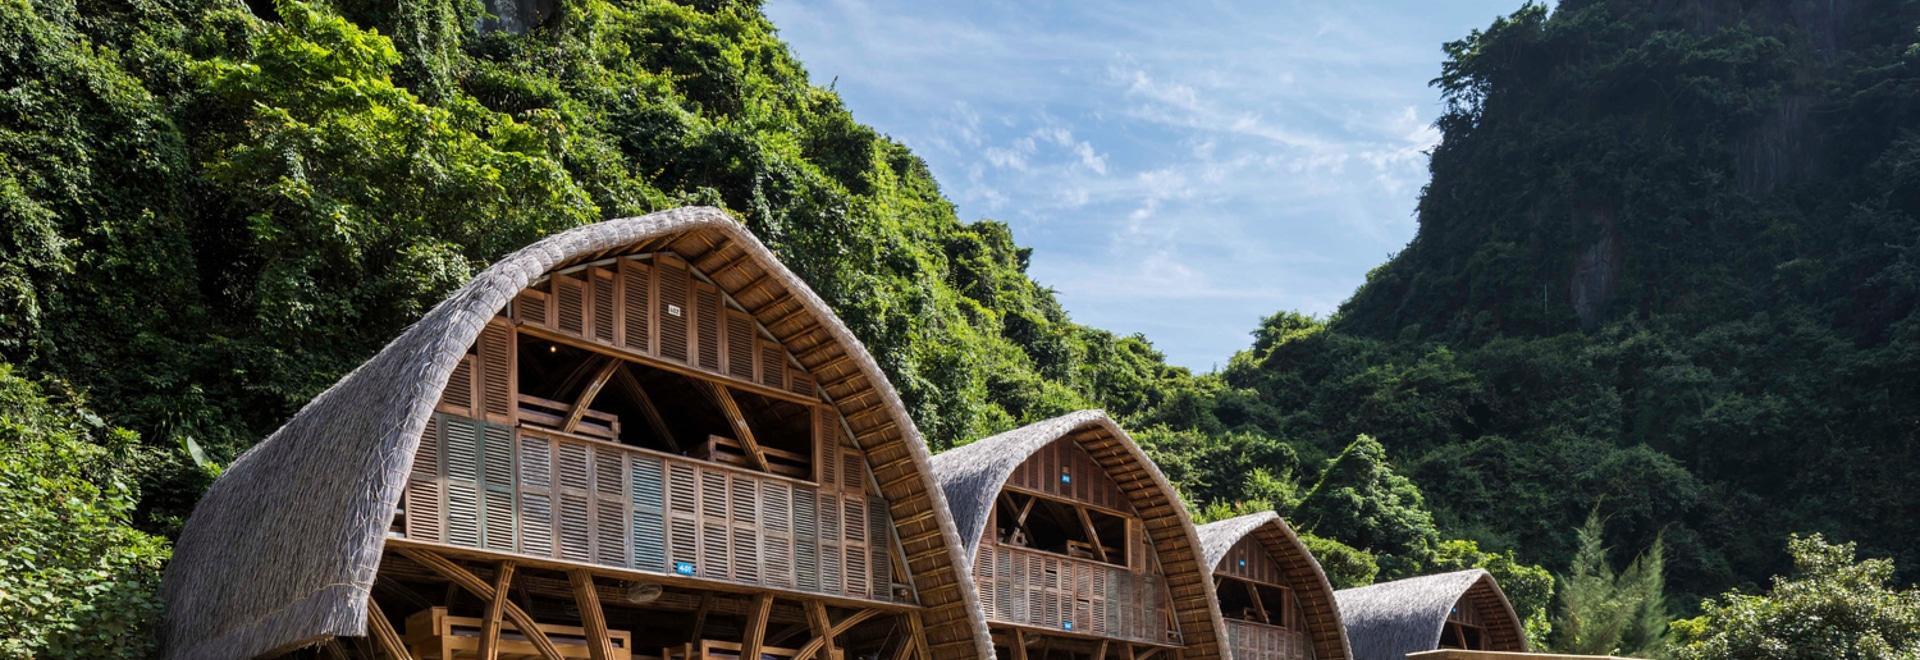 Arquitectos náufragos del centro turístico isleño/VTN